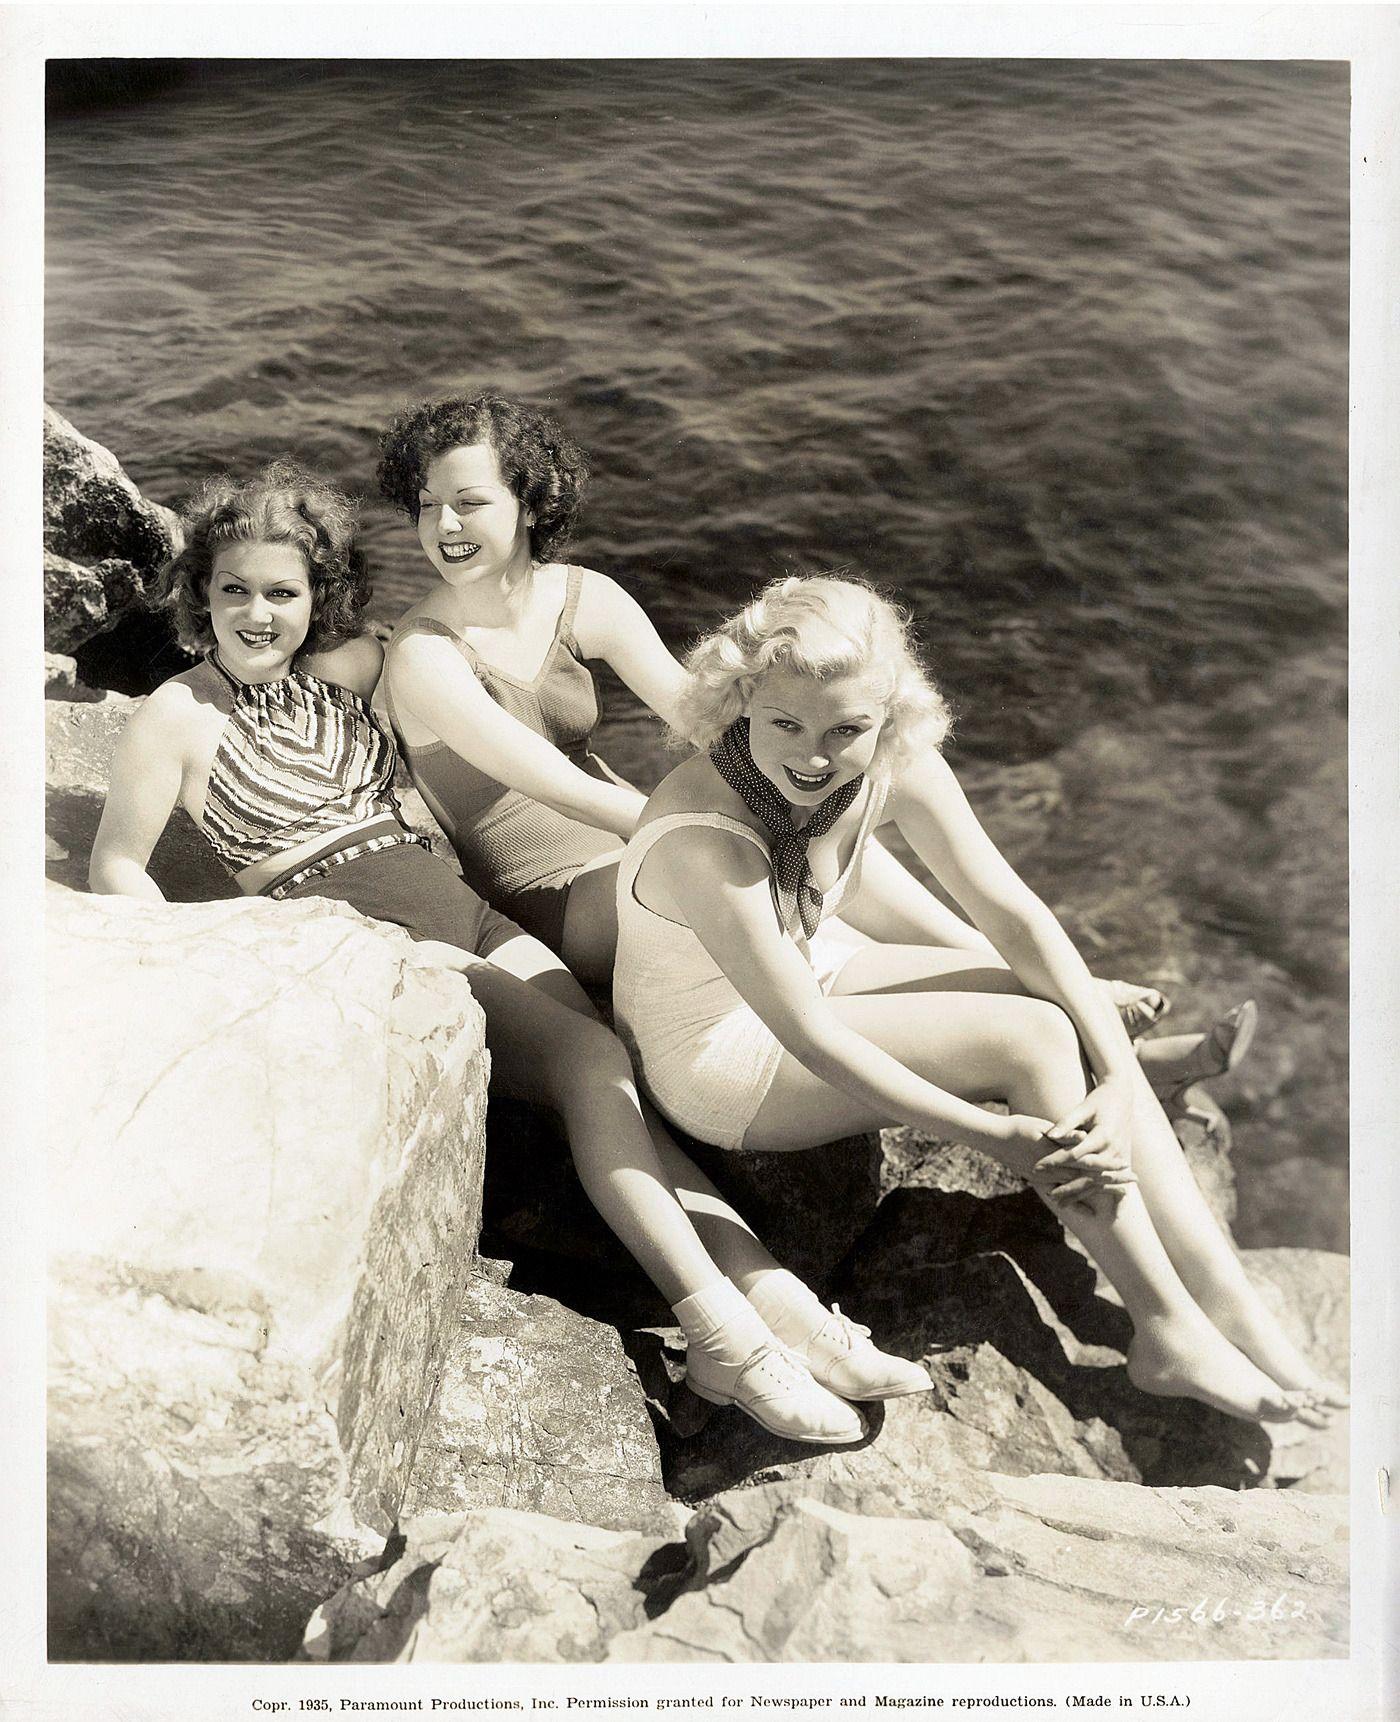 Jourdan Dunn GBR 3 2012?014,Alison Bartlett-O'Reilly Sex clips Laura Molina (artist),Marjorie Browne